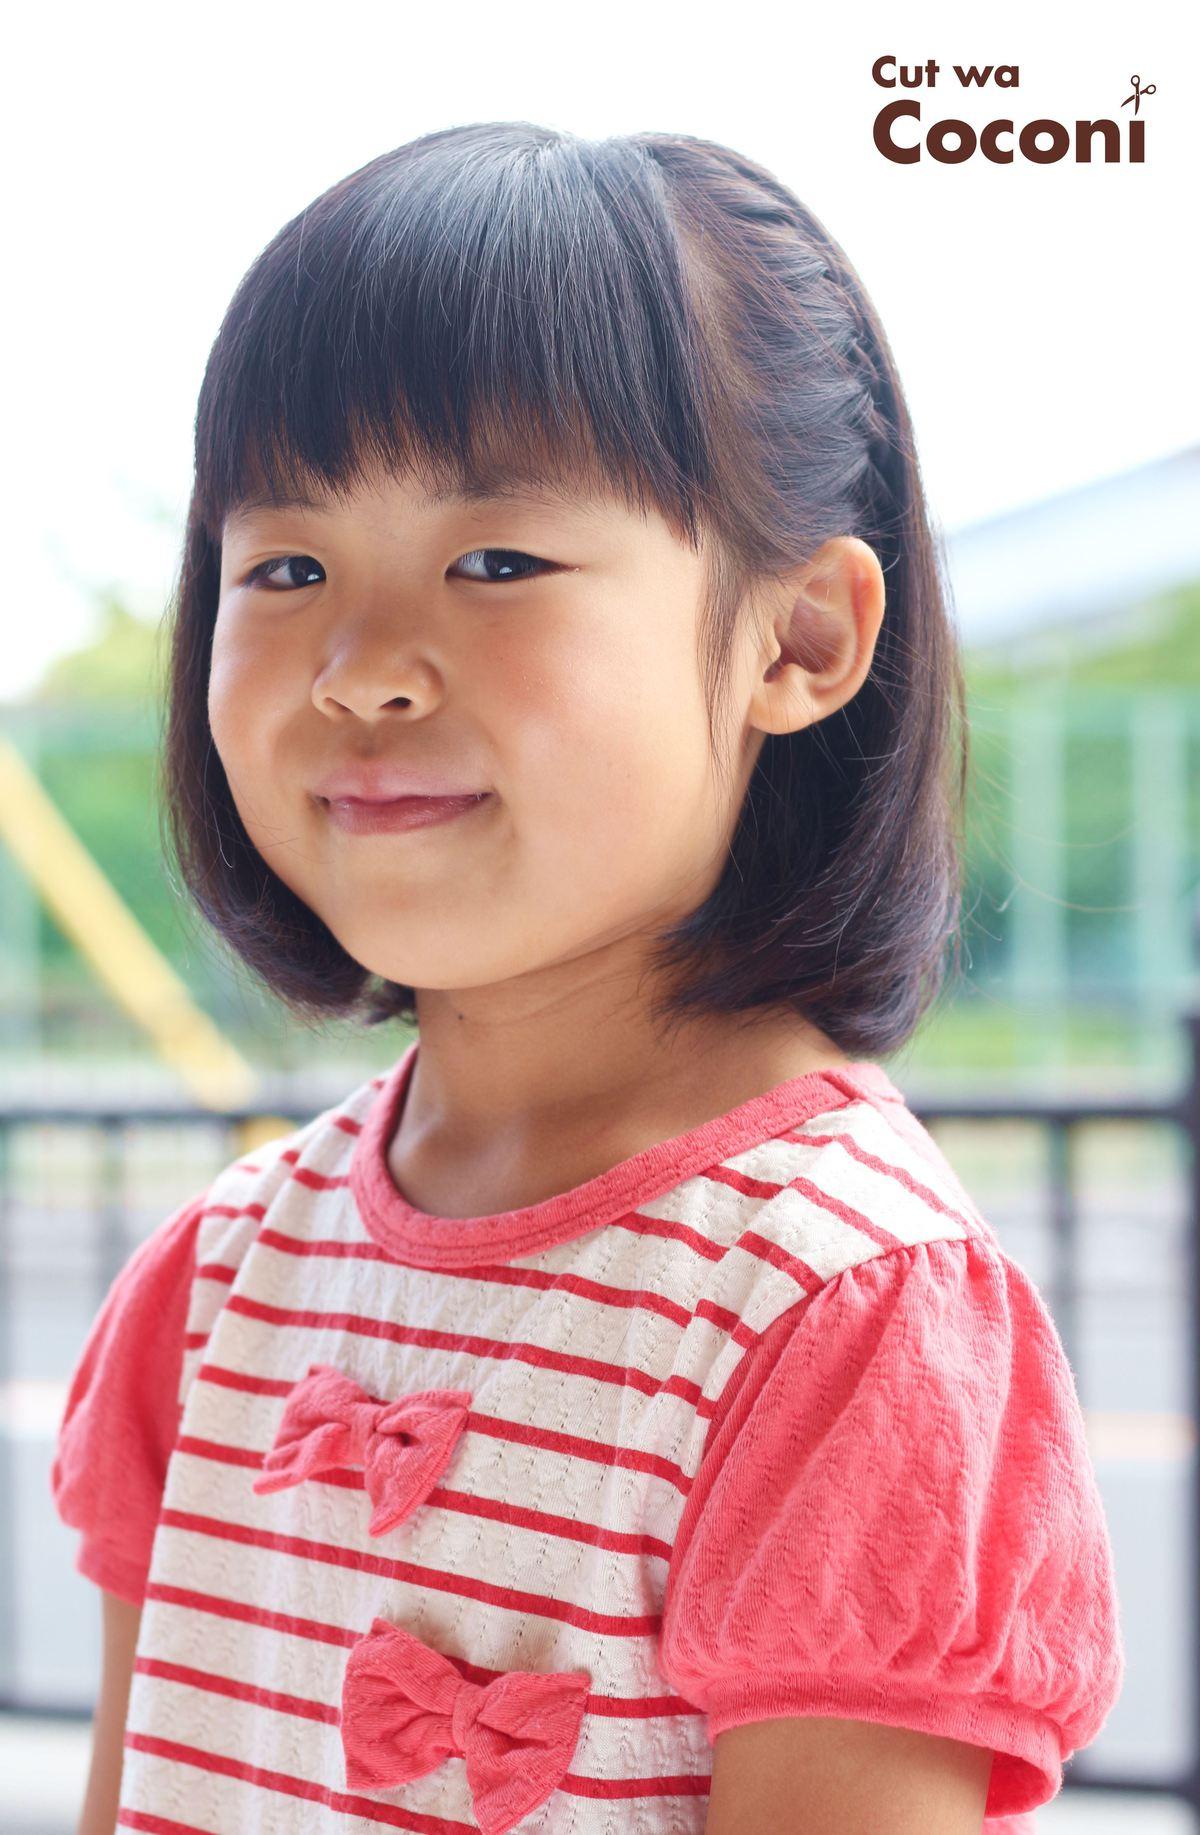 かわいいお子様カット!肩上のボブスタイルとサイド編みこみ☆